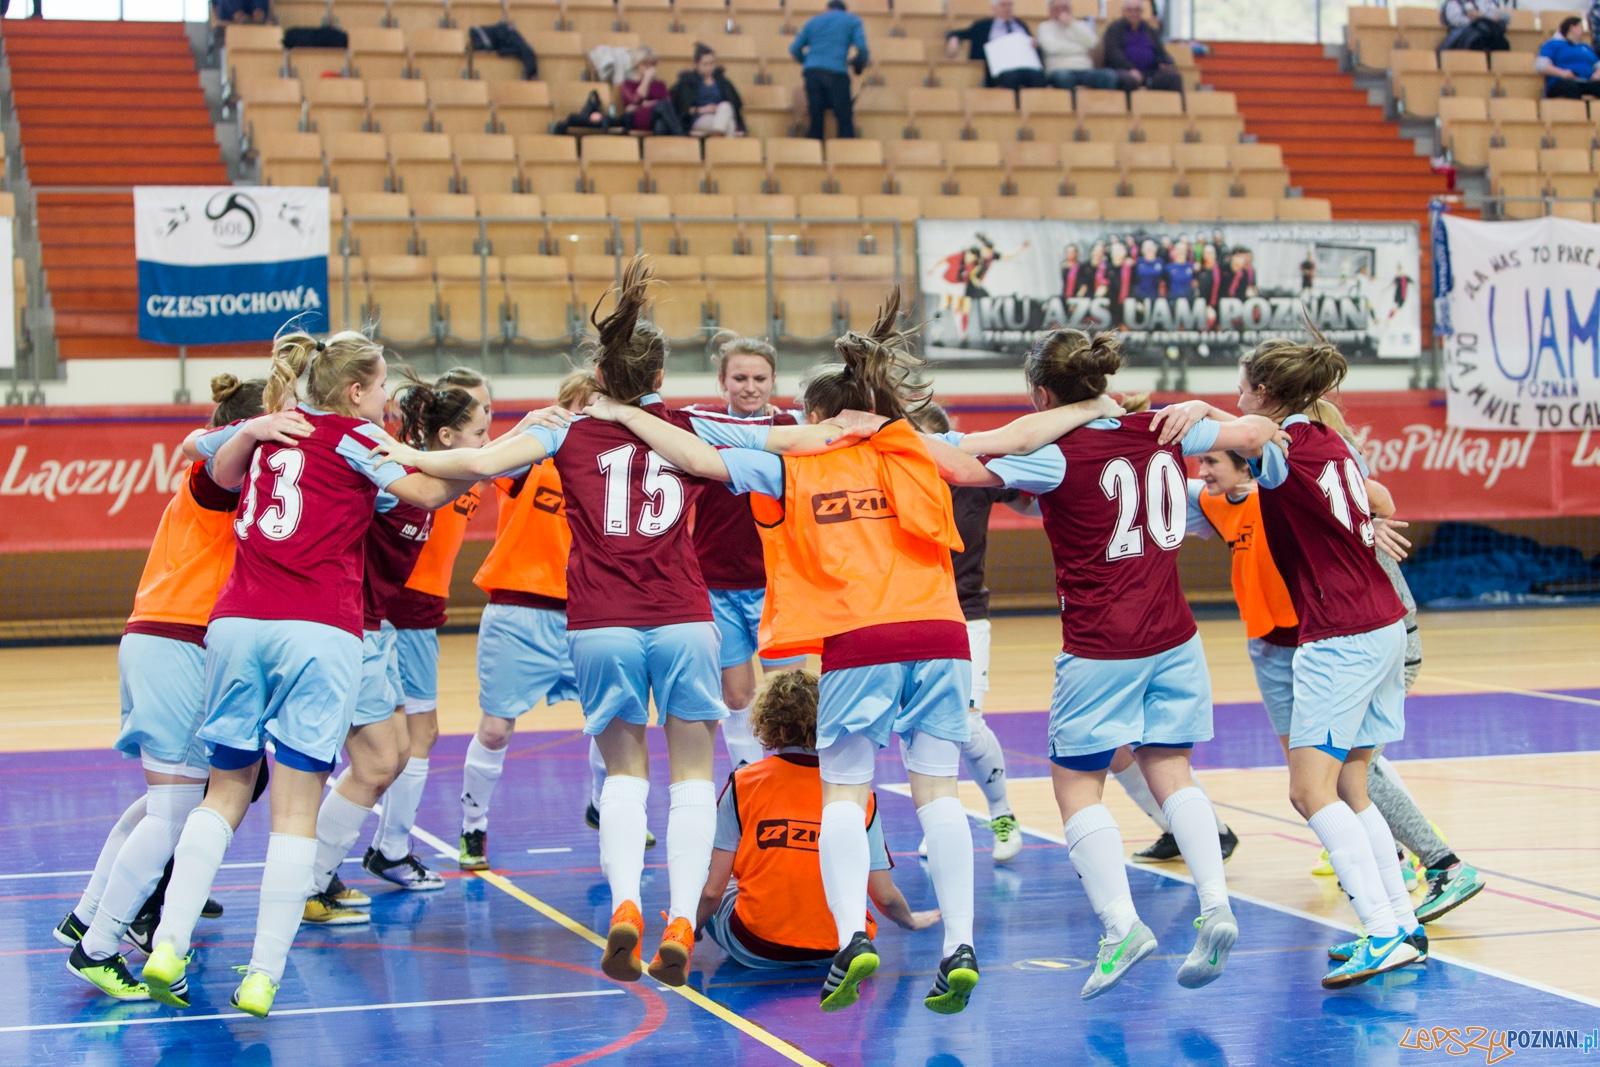 Finał Ekstraklasy: AZS Strelec Głogówek - Gol Częstochowa  Foto: lepszyPOZNAN.pl / Piotr Rychter